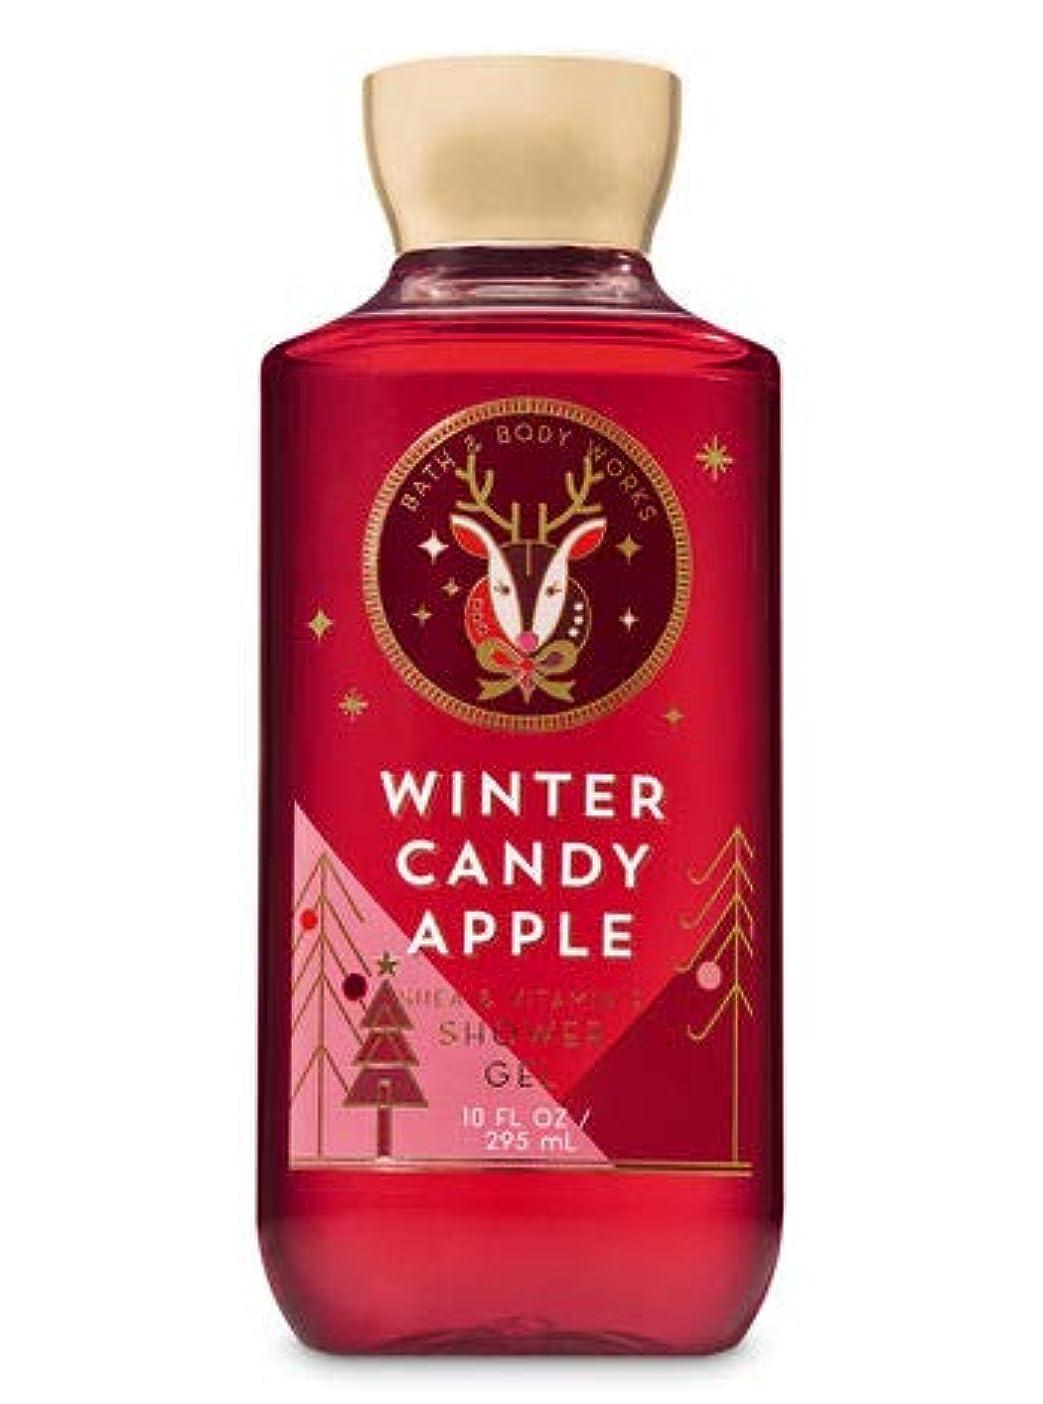 急ぐロケット含意【Bath&Body Works/バス&ボディワークス】 シャワージェル ウィンターキャンディアップル Shower Gel Winter Candy Apple 10 fl oz / 295 mL [並行輸入品]